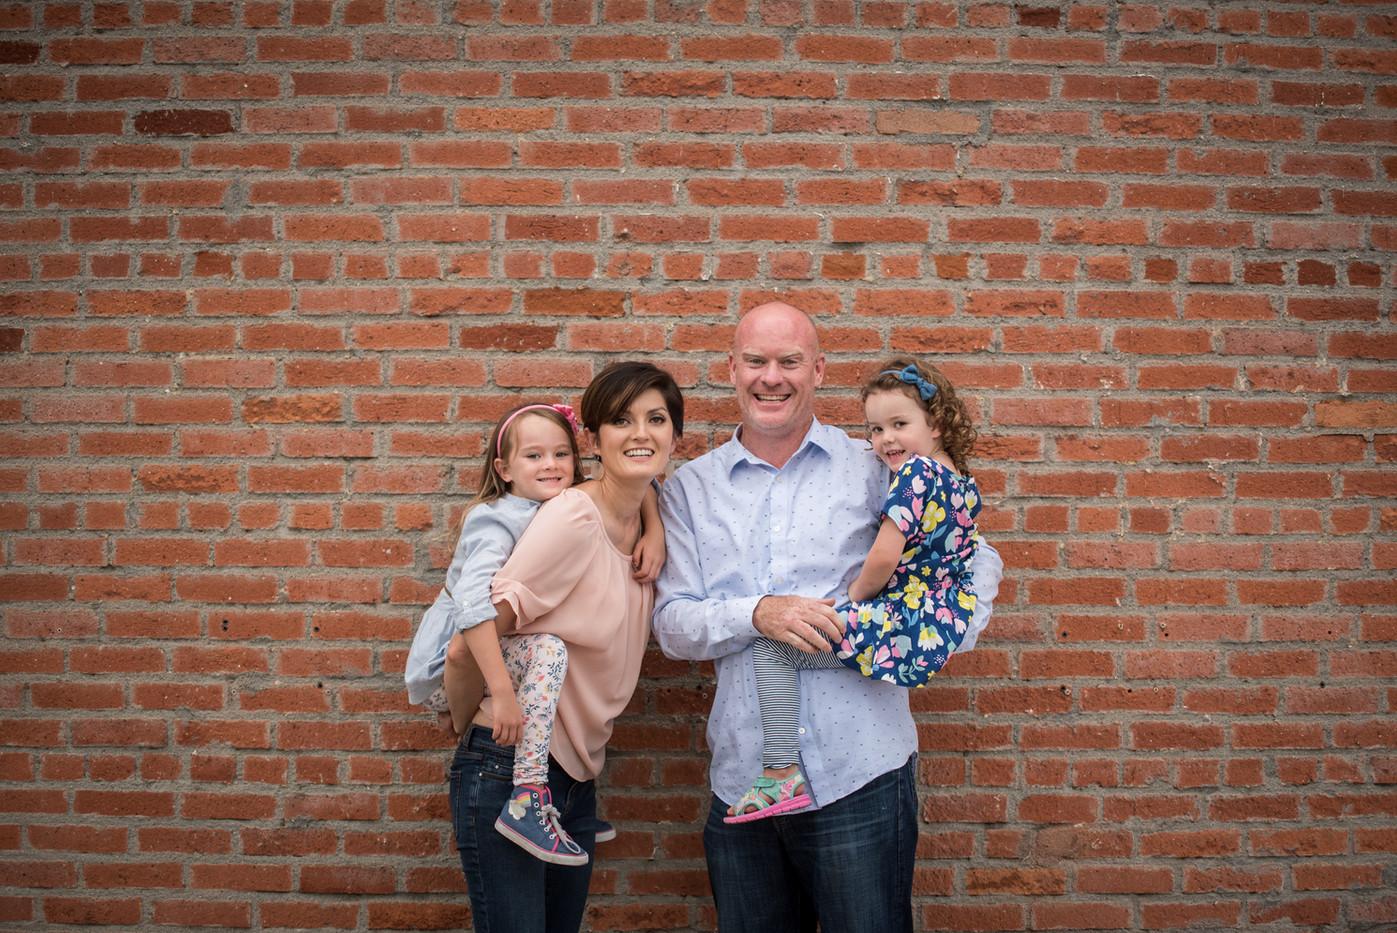 Encinitas Family Photos (53 of 184).JPG